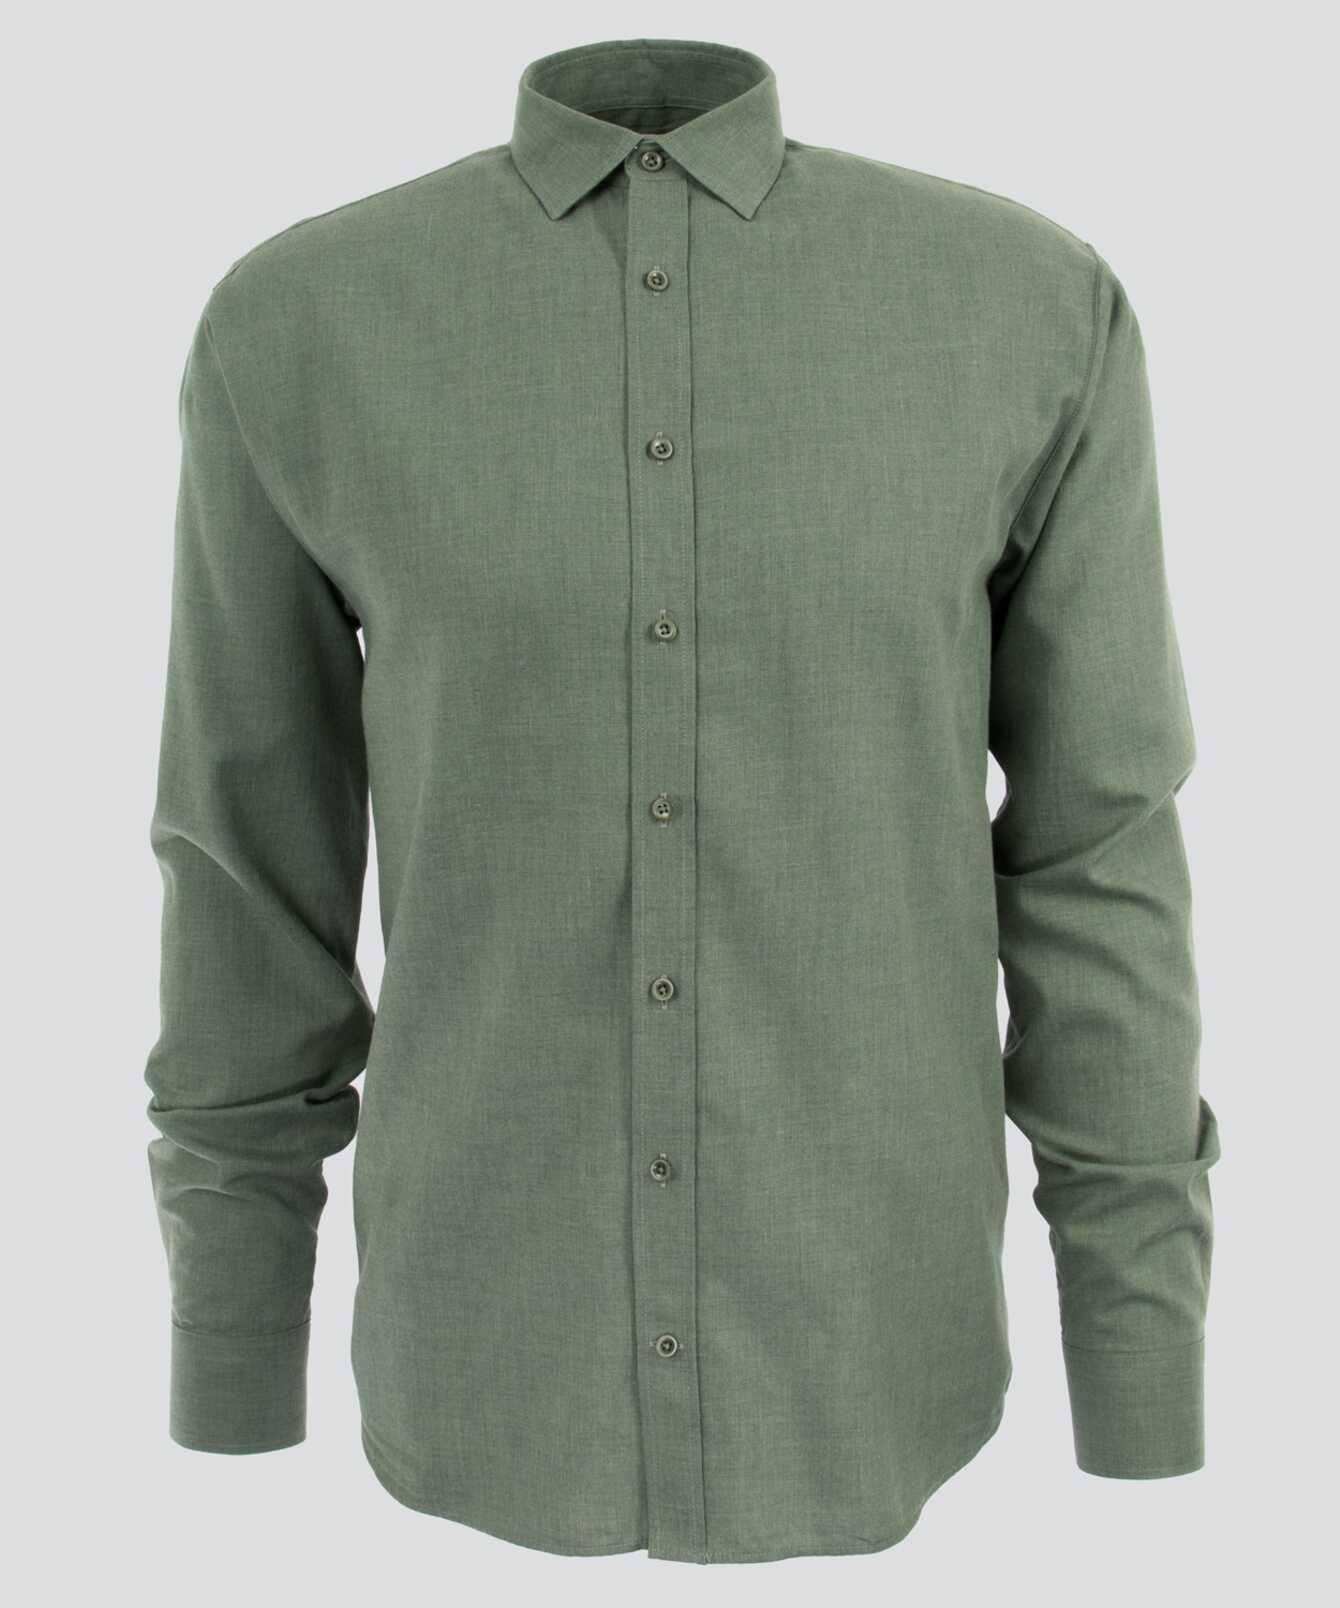 Shirt Costello Green The Shirt Factory